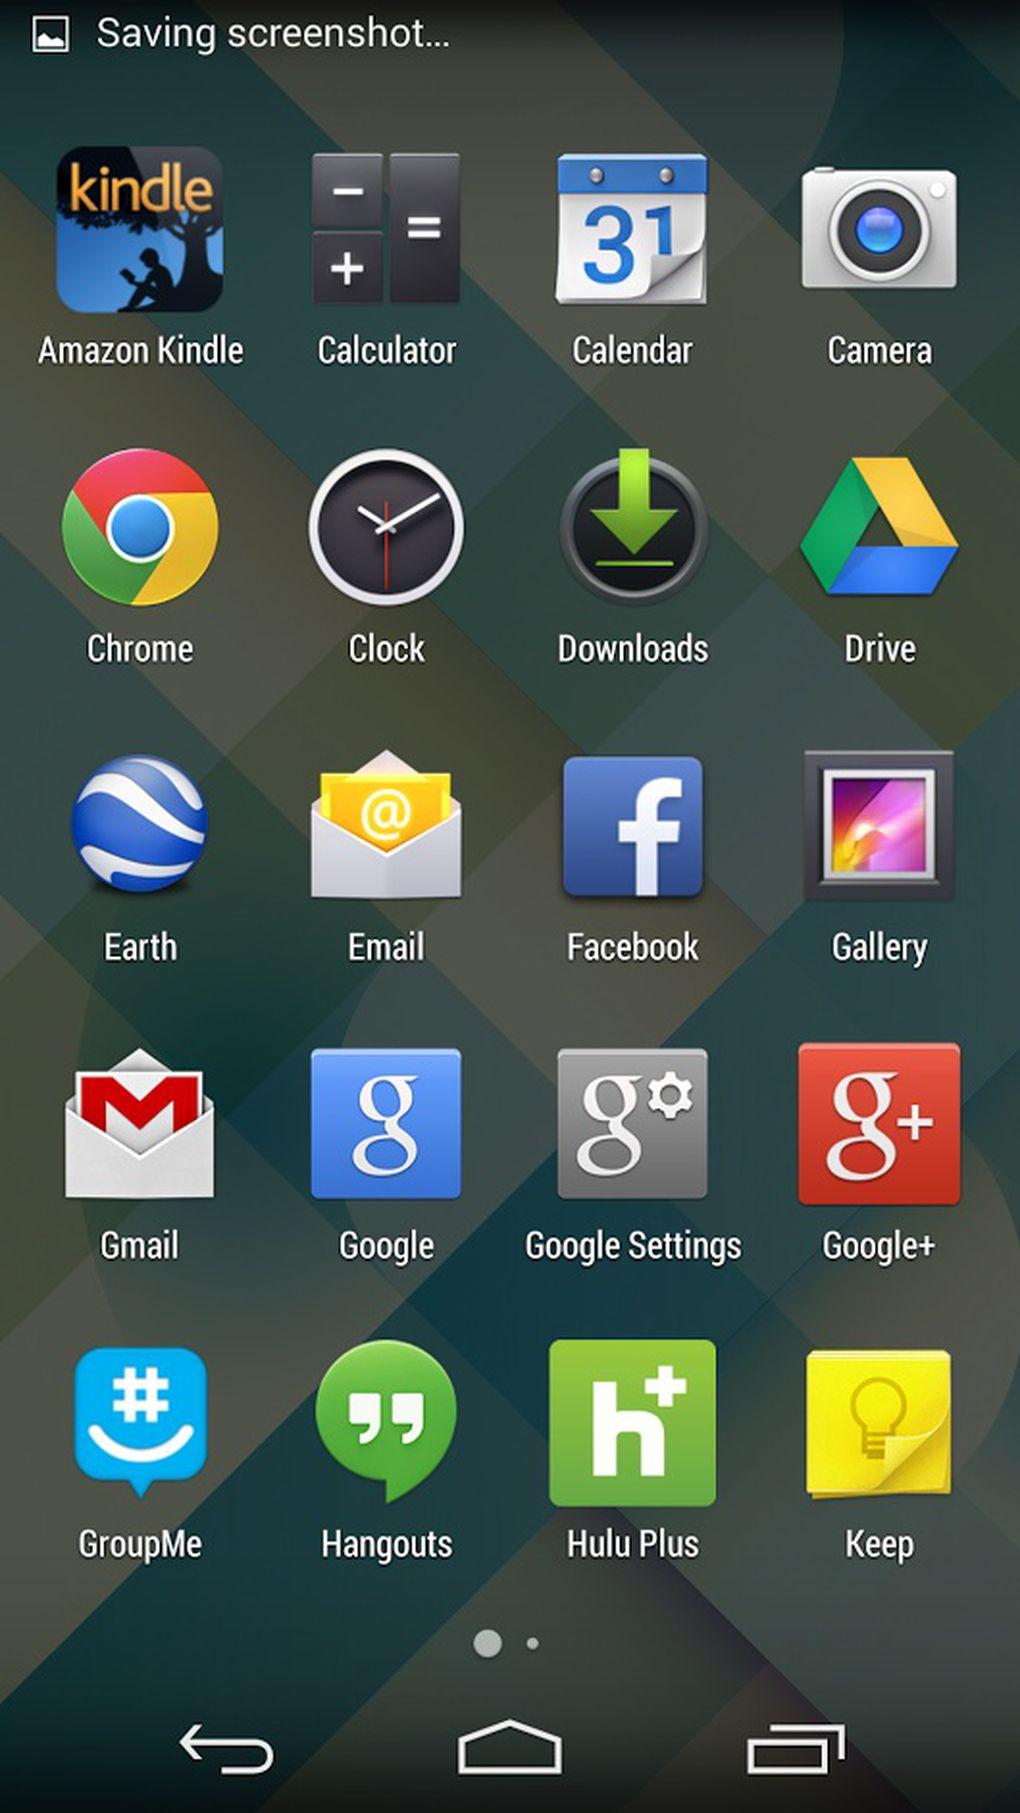 Как сделать снимок экрана телефона андроид